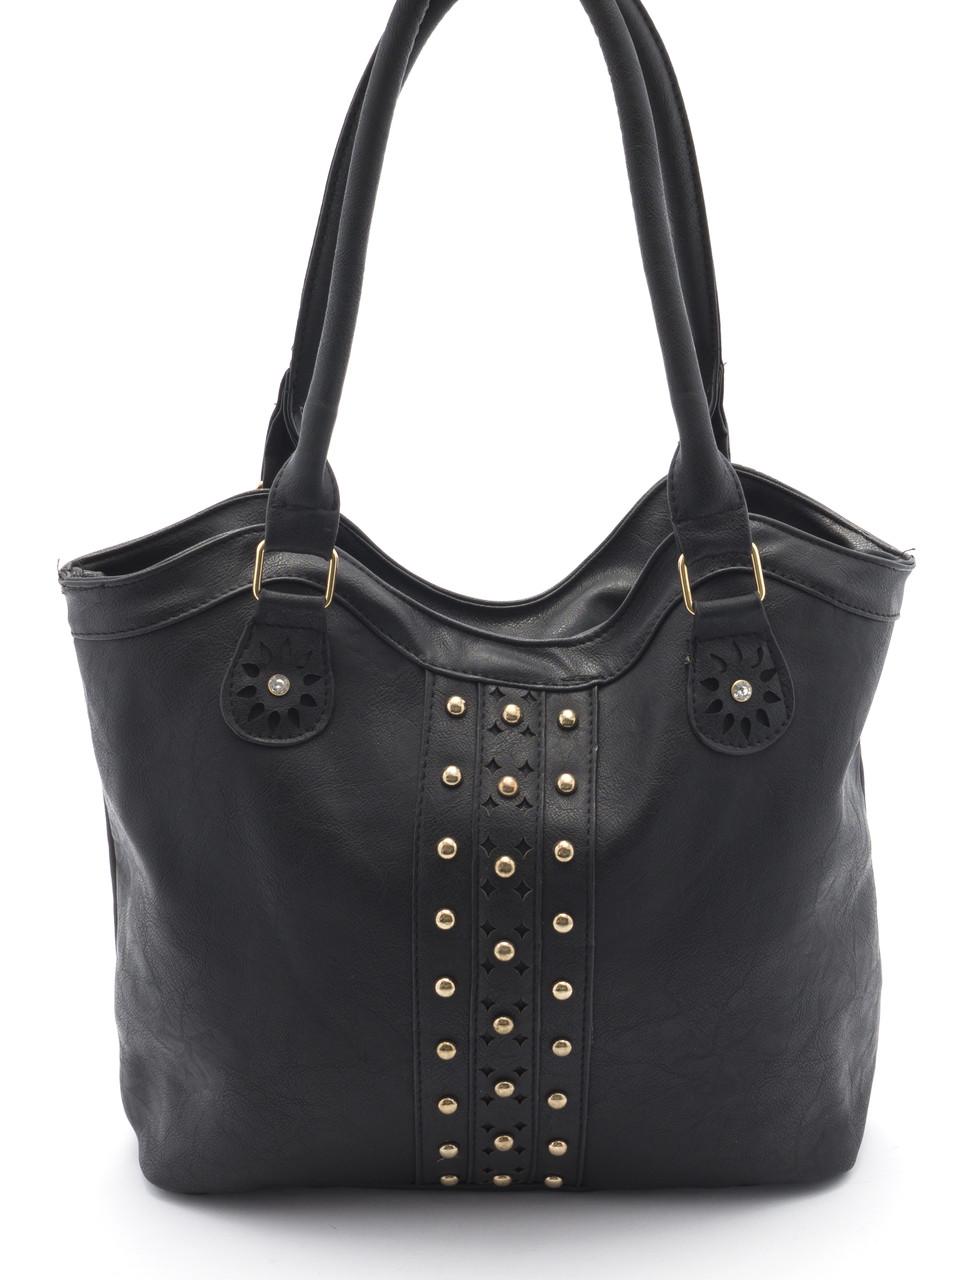 Вместительная и практичная женская сумка  Б/Н art. 8814 черный цвет